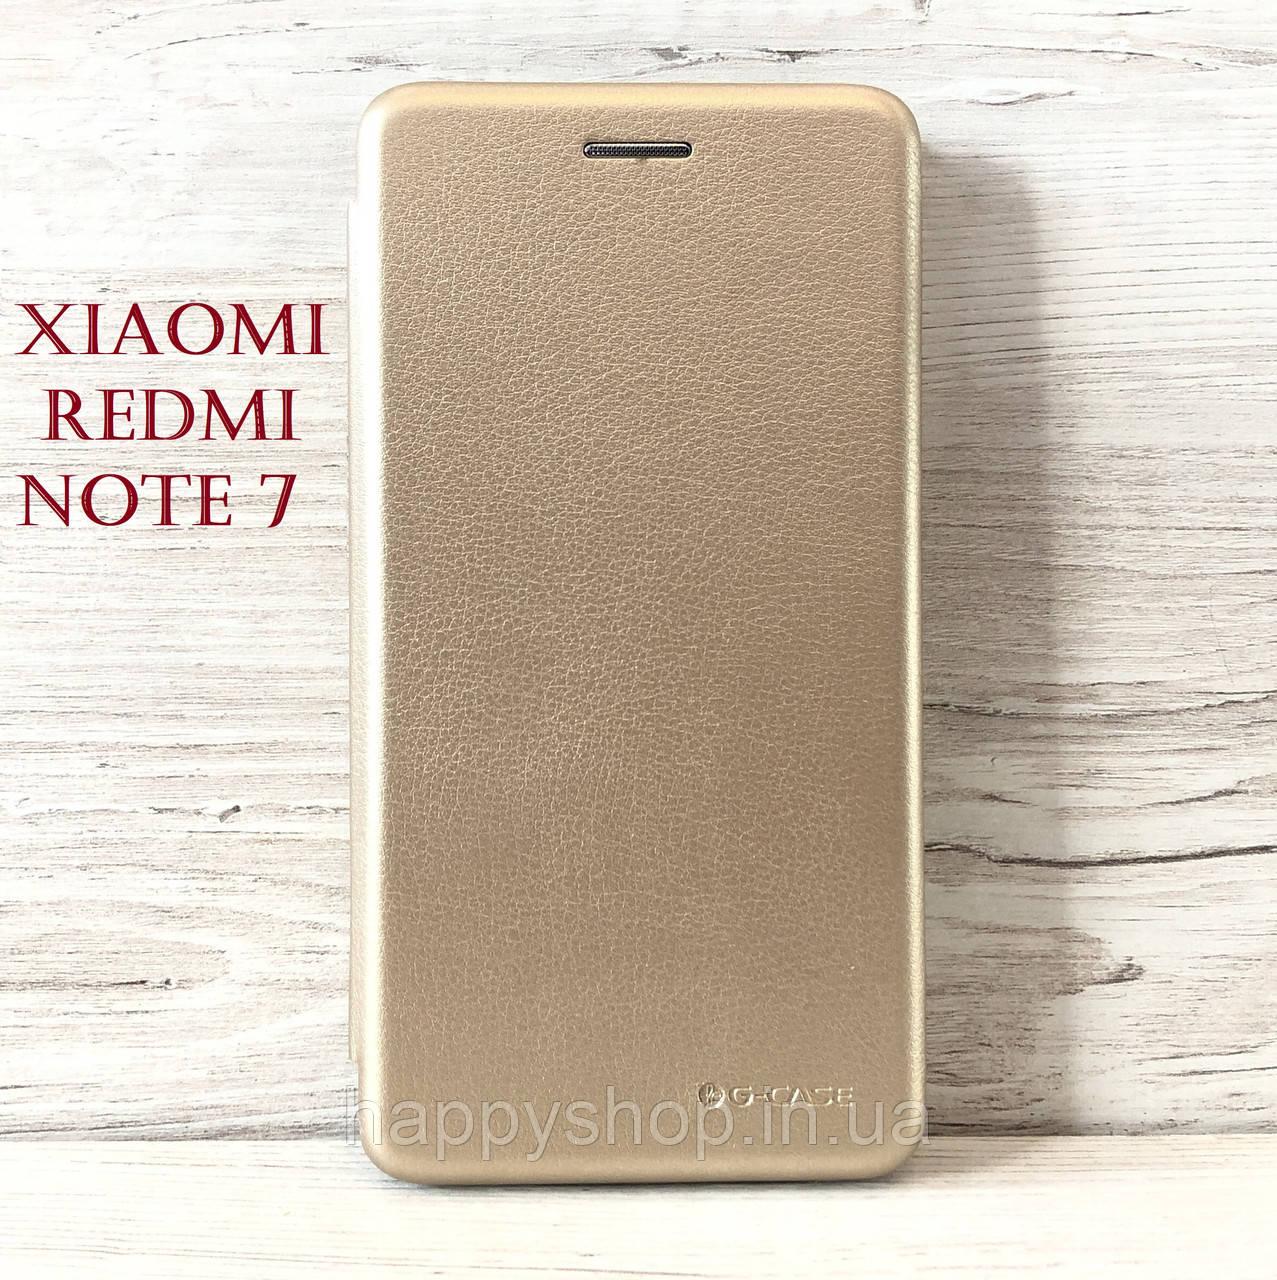 Чехол-книжка G-Case для Xiaomi Redmi Note 7 (Золотой)